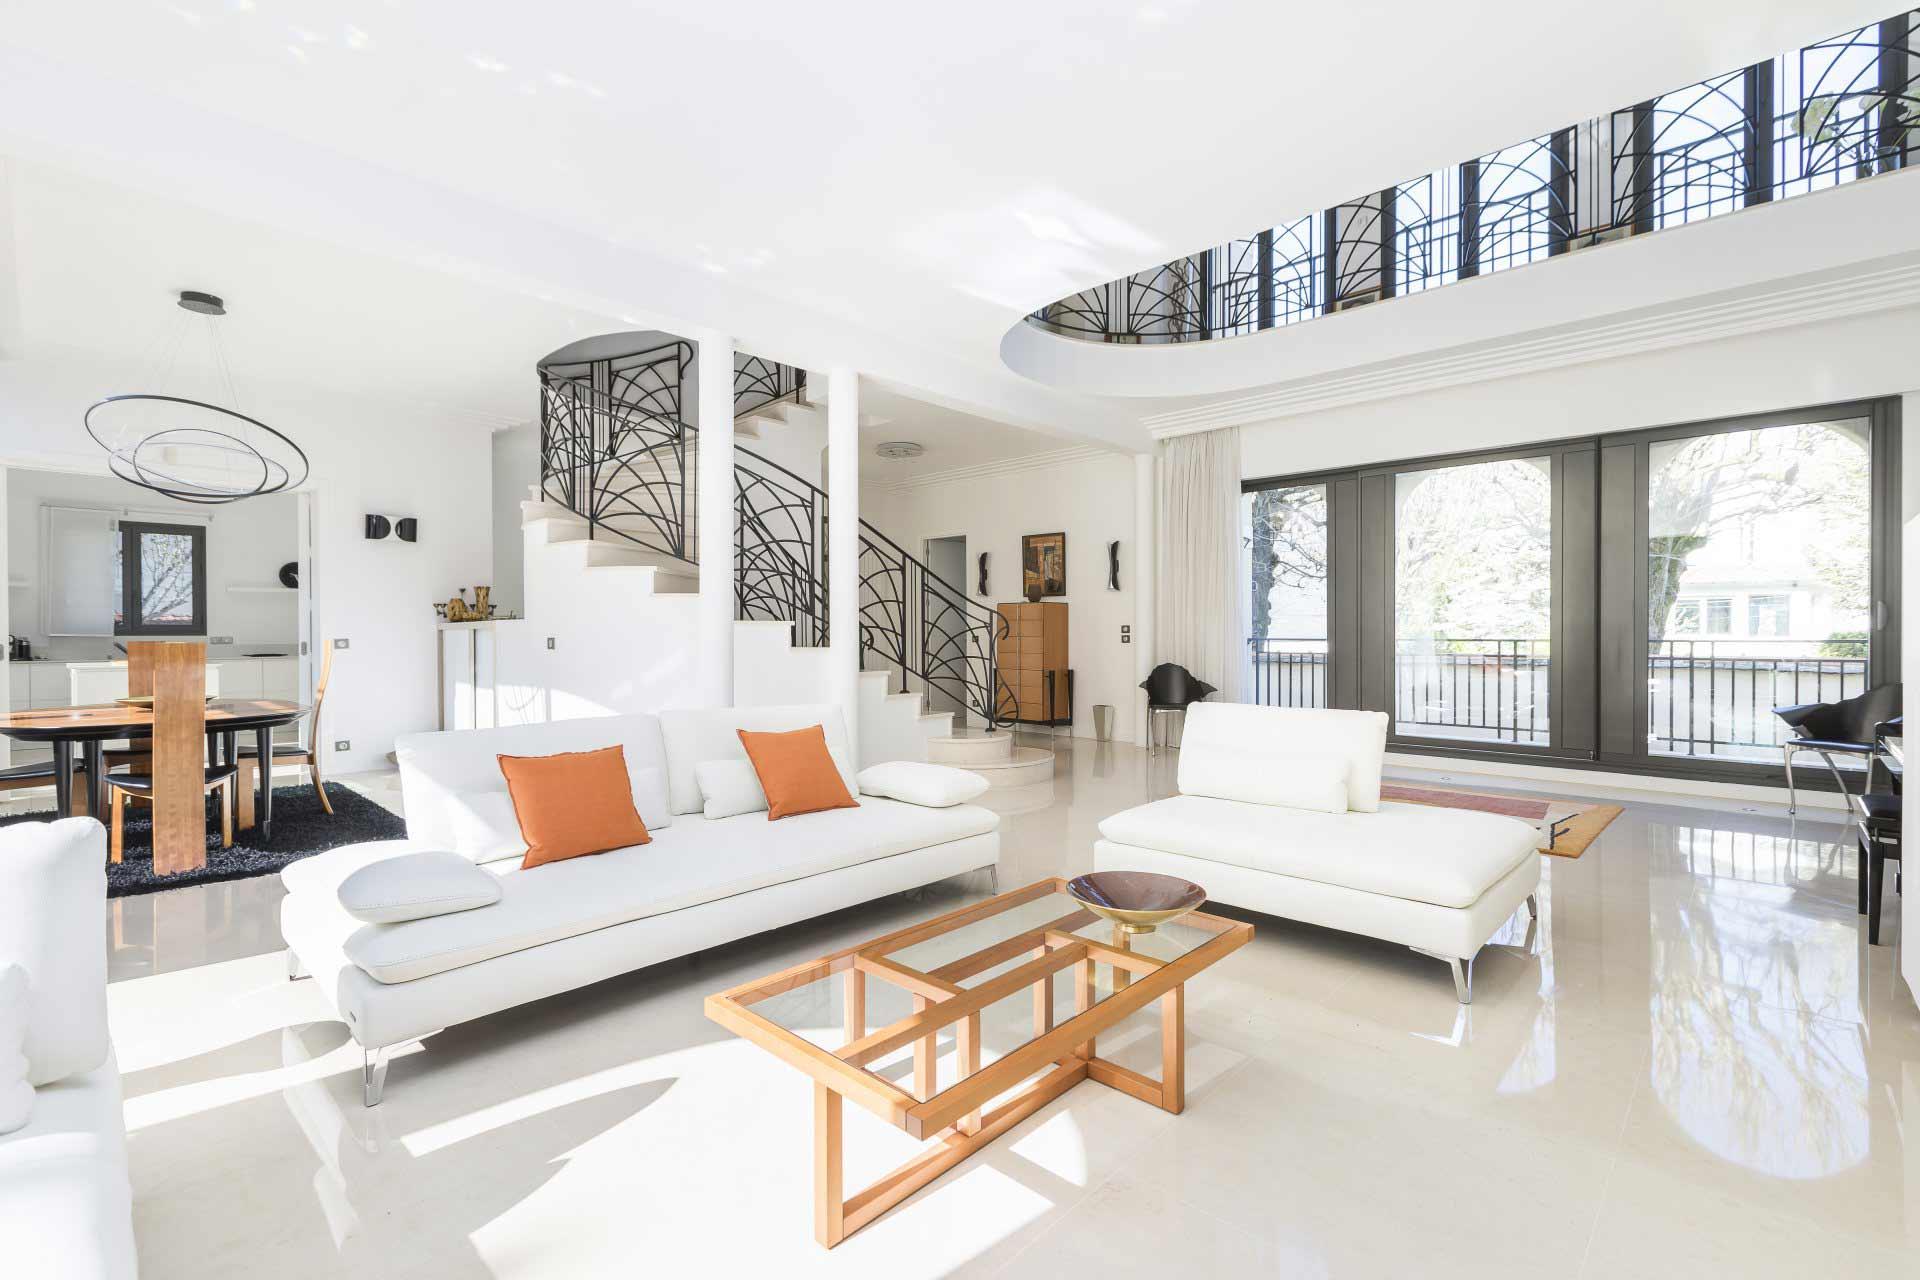 La Varenne-Saint-Hilaire - France - House , 10 rooms, 7 bedrooms - Slideshow Picture 1